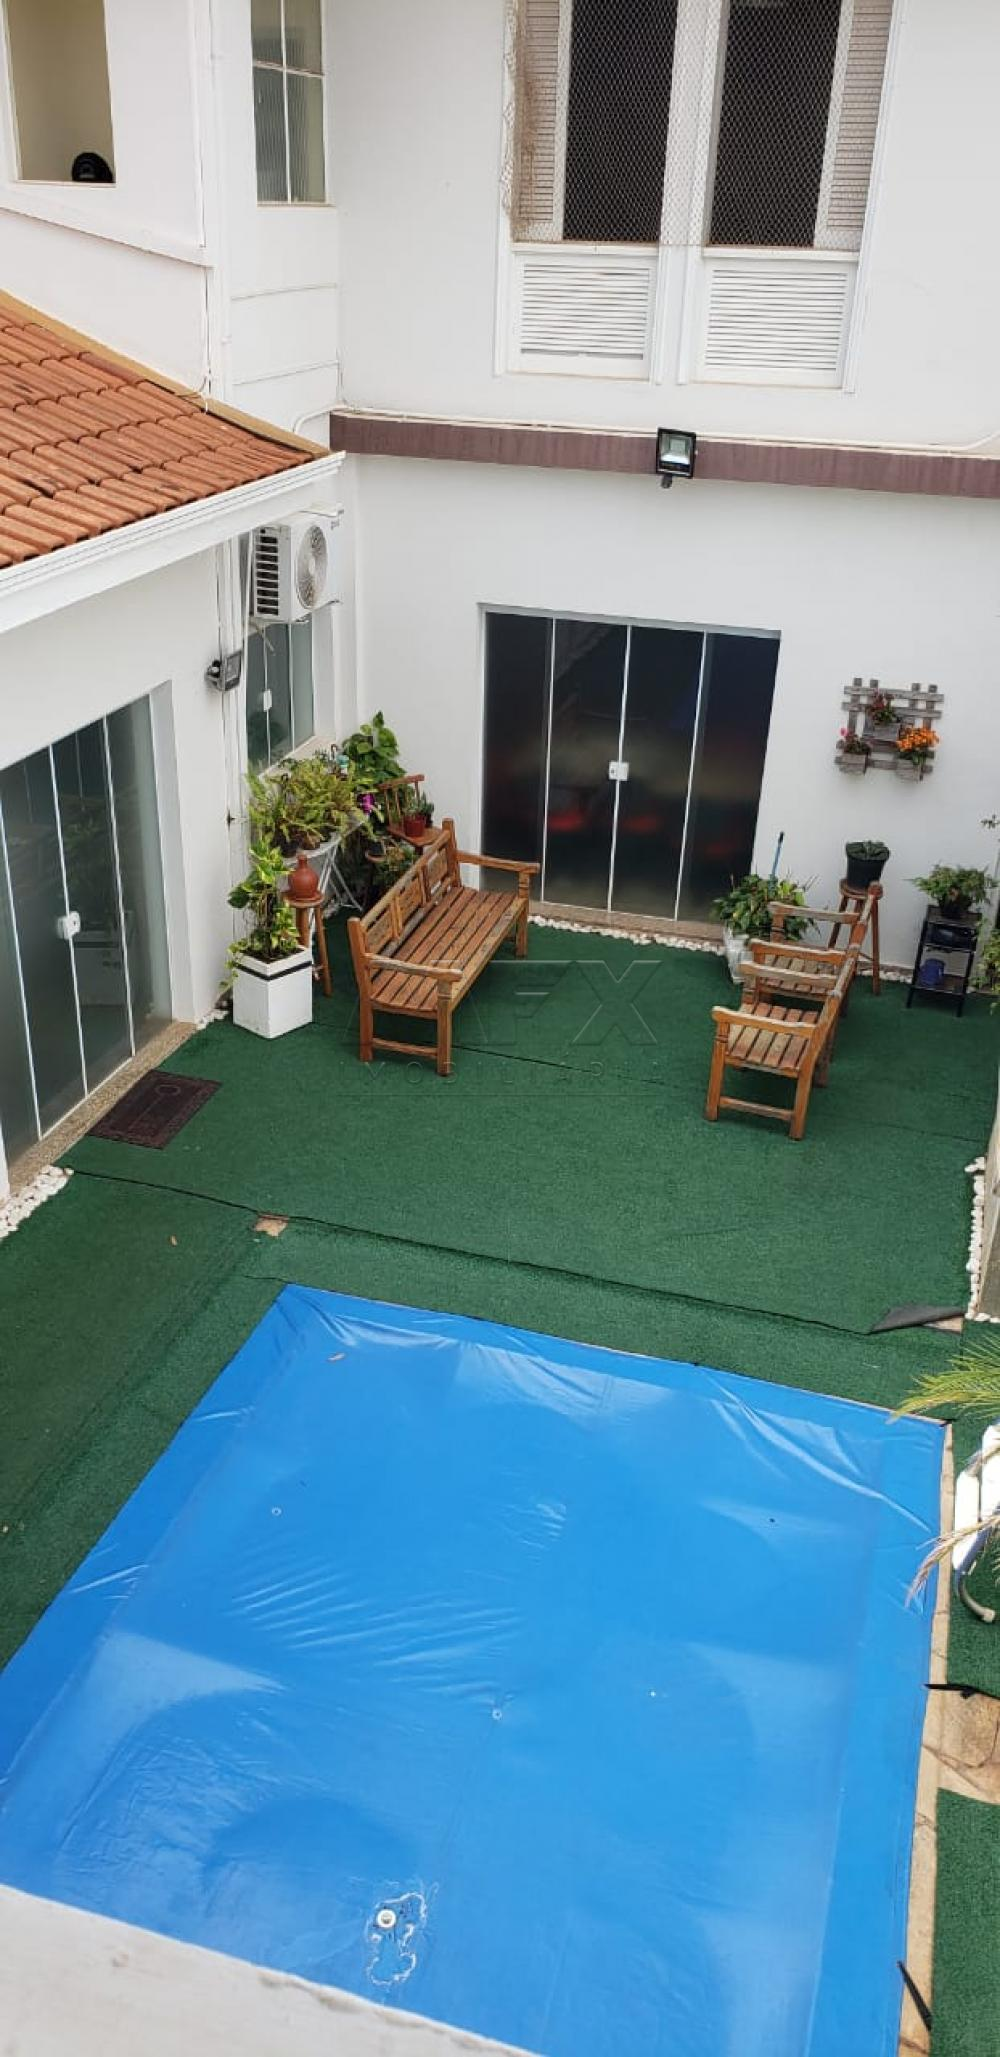 Comprar Casa / Sobrado em Bauru apenas R$ 1.100.000,00 - Foto 5